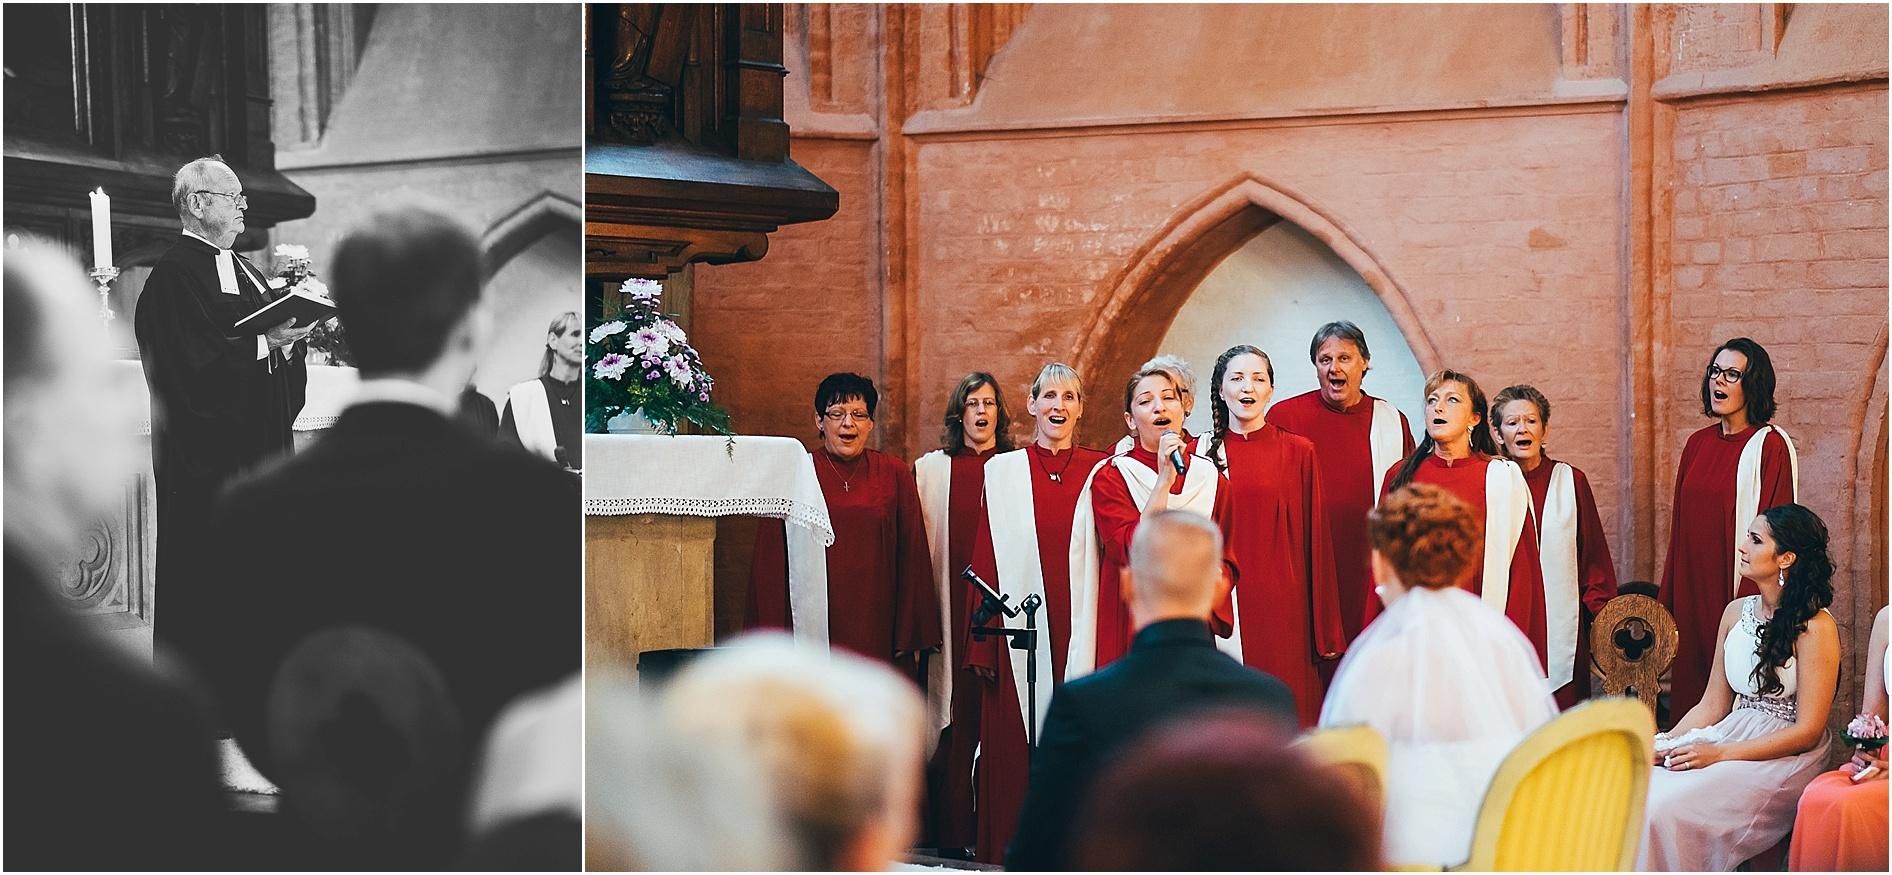 2014-11-20_0037 Lora & Daniel - Als Hochzeitsfotograf in Lüneburg